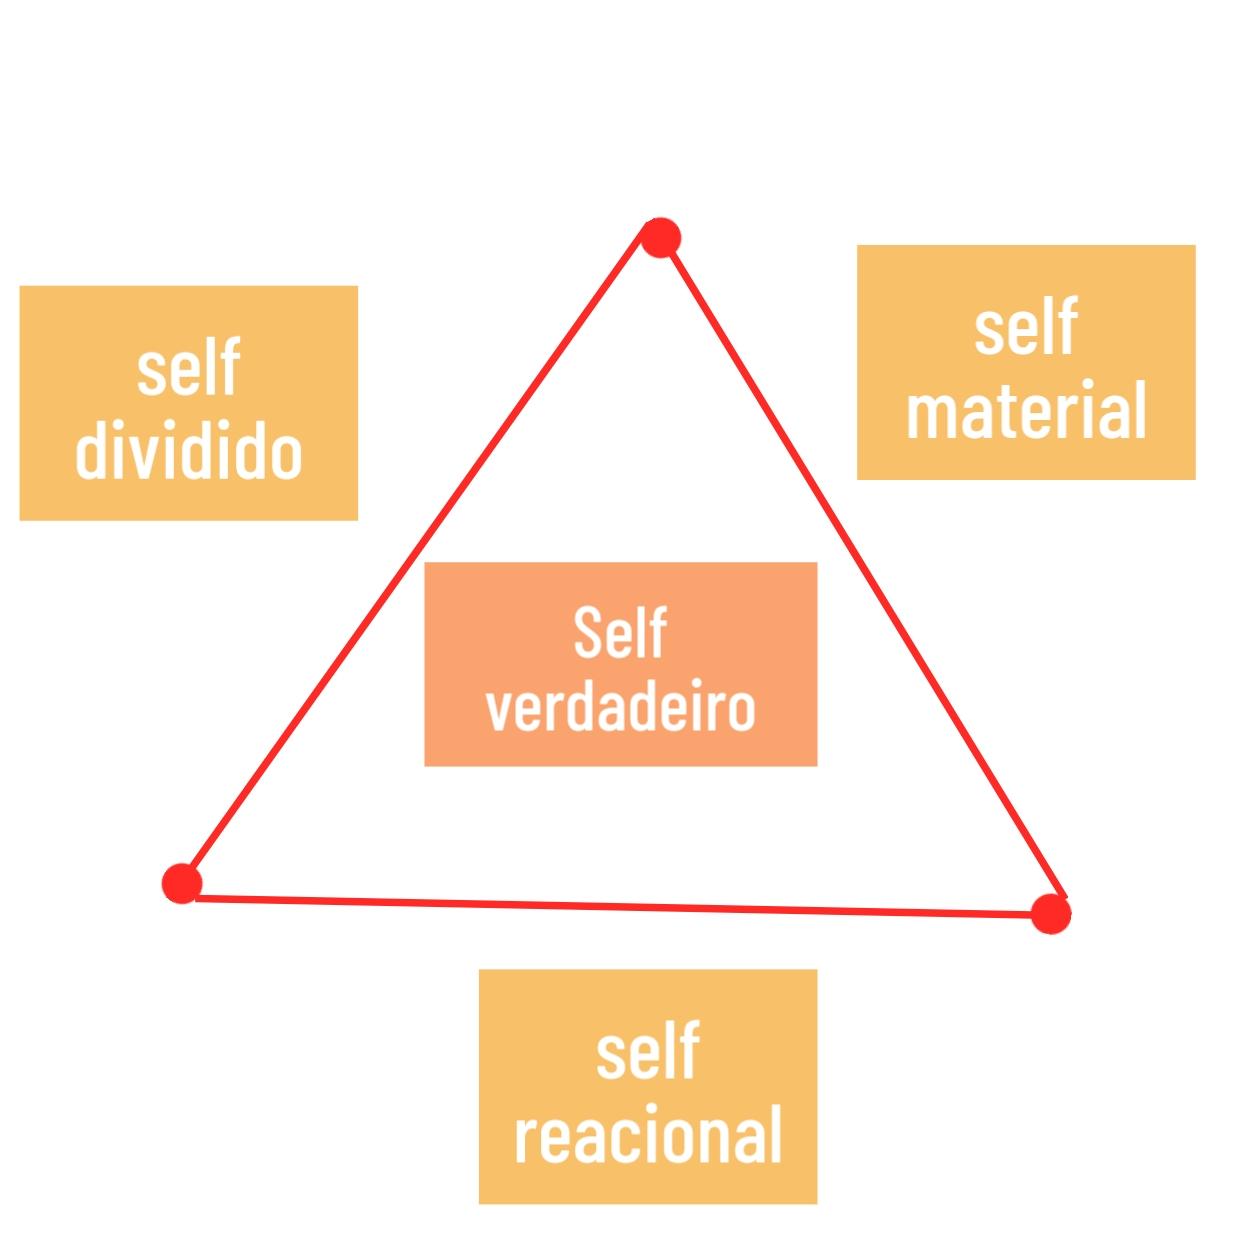 Self material, reacional e dividido formam a base do self verdadeiro